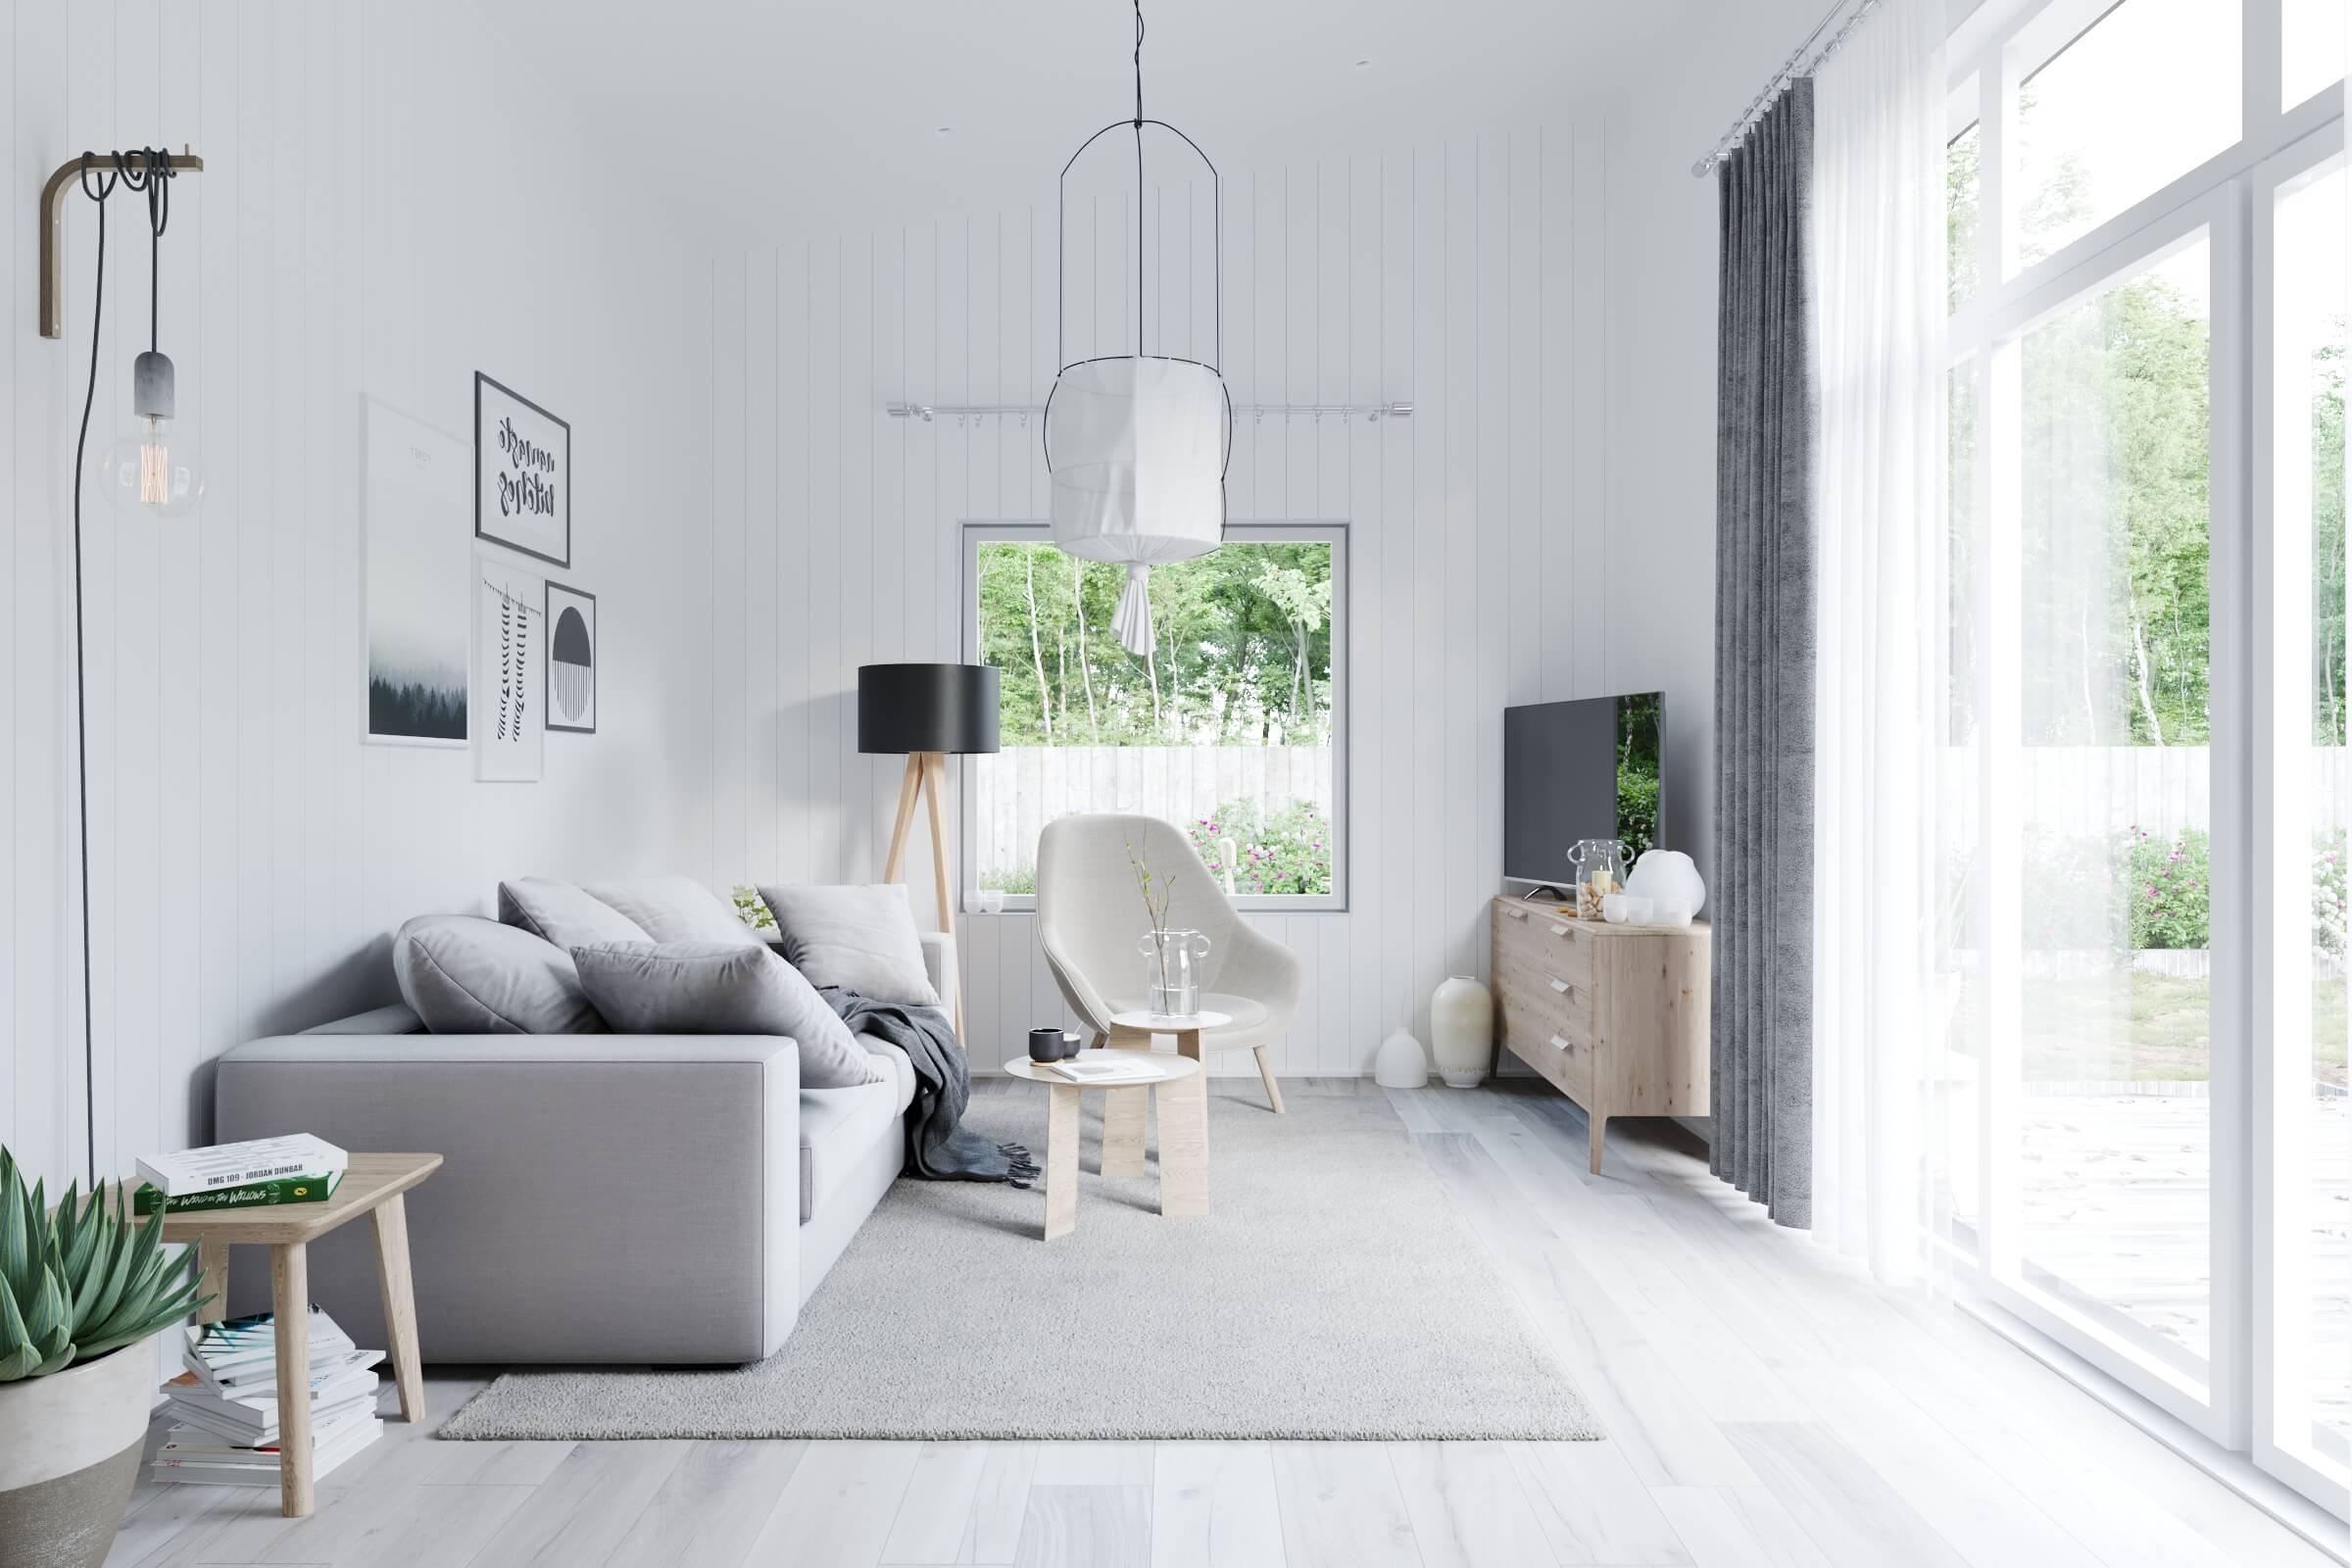 Vardagsrum med soffa, soffbord, fåtölj tv och stort fönsterparti